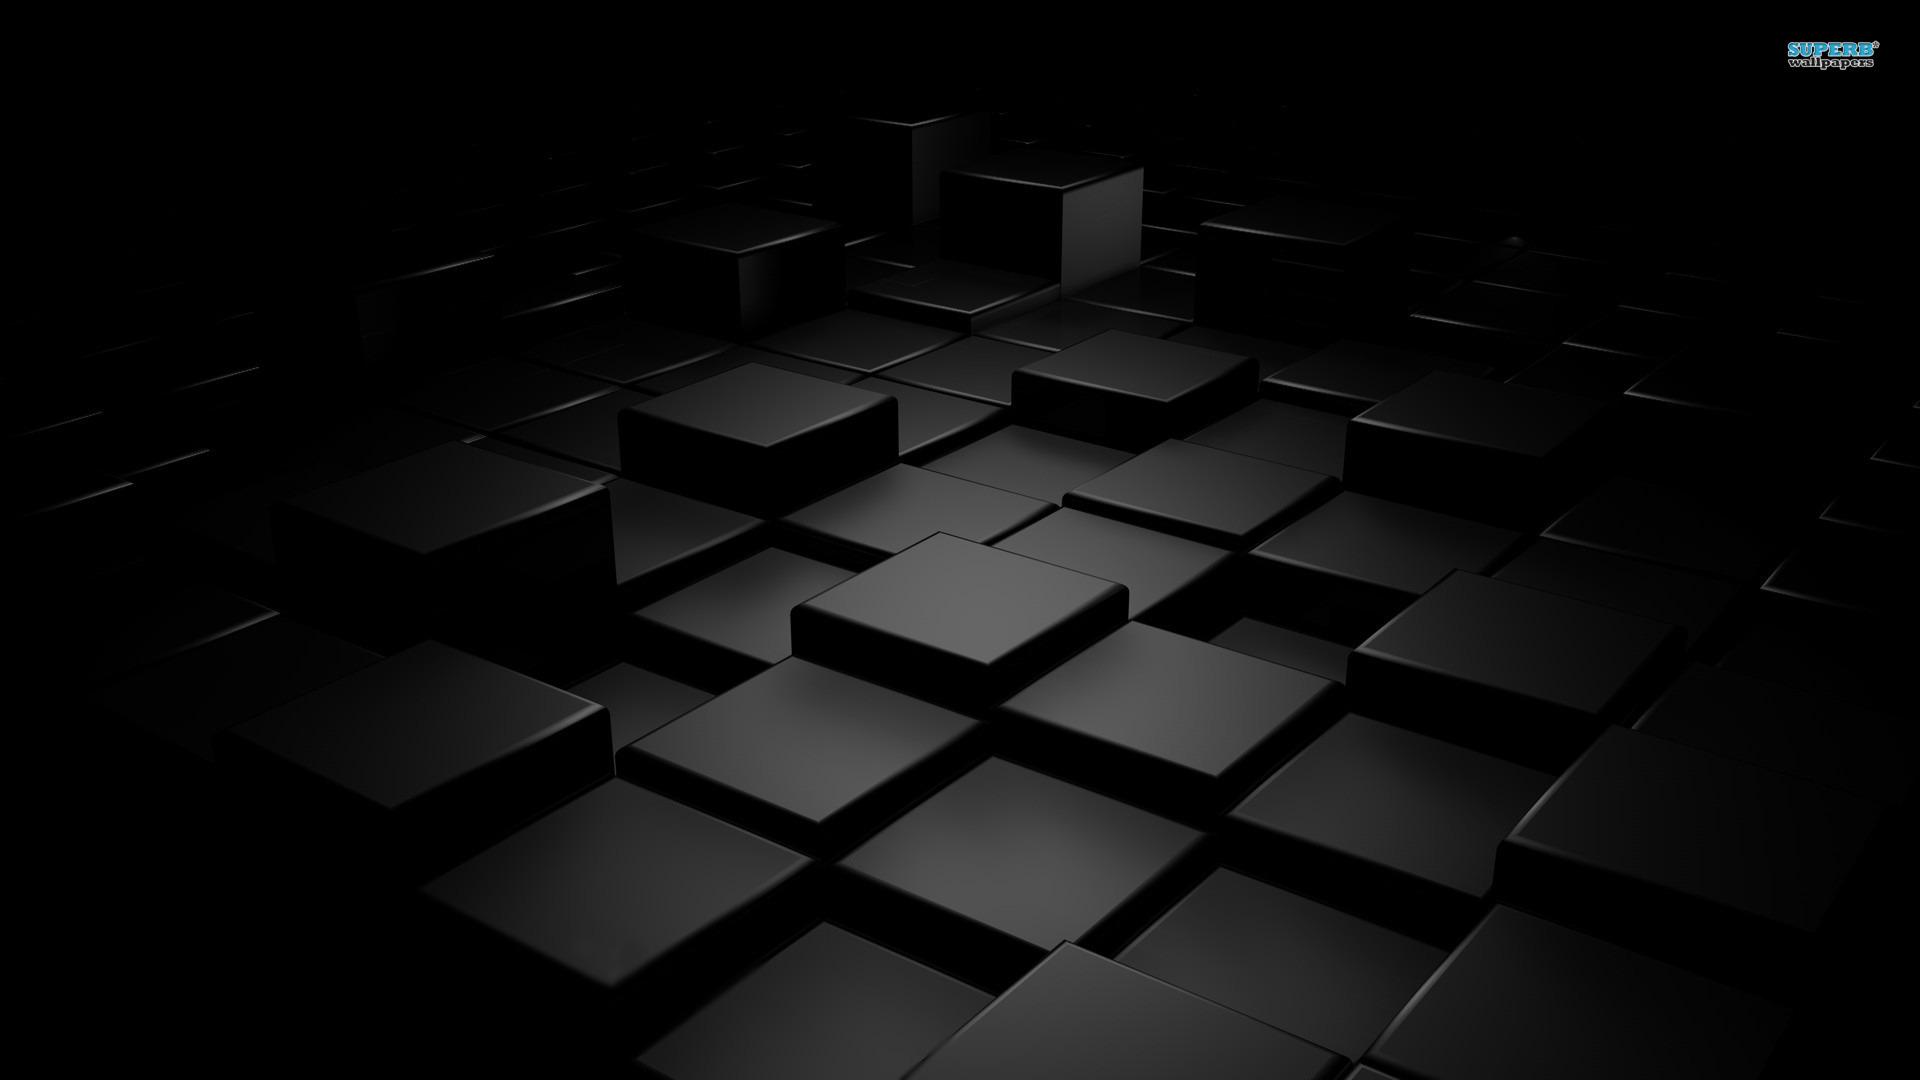 Cubes wallpaper 1920x1080